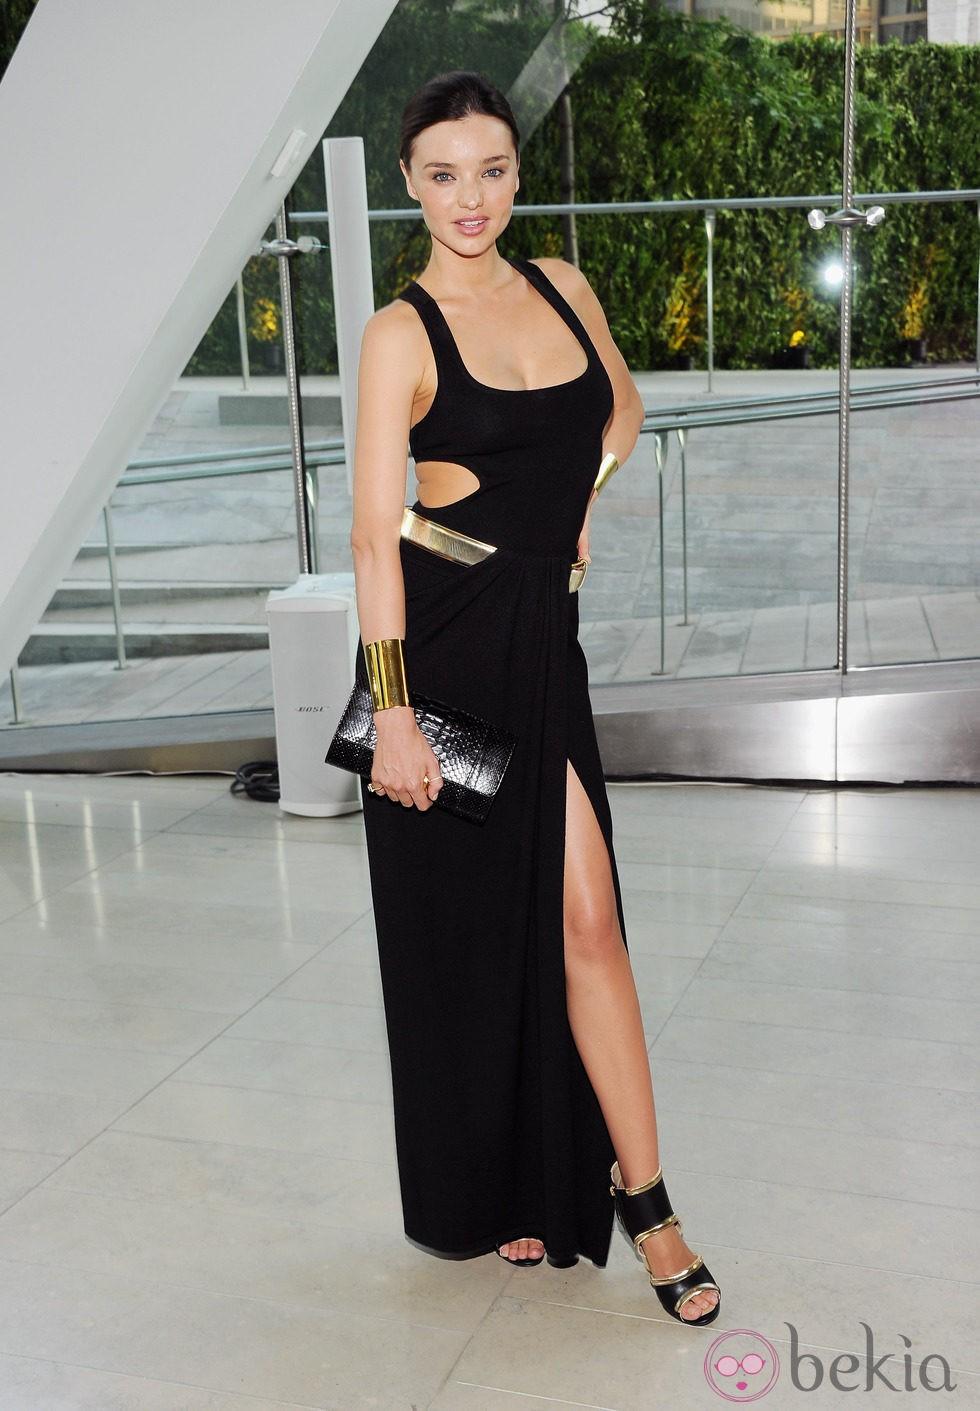 581758a40 Miranda Kerr con un vestido largo negro asimétrico - El estilo de ...